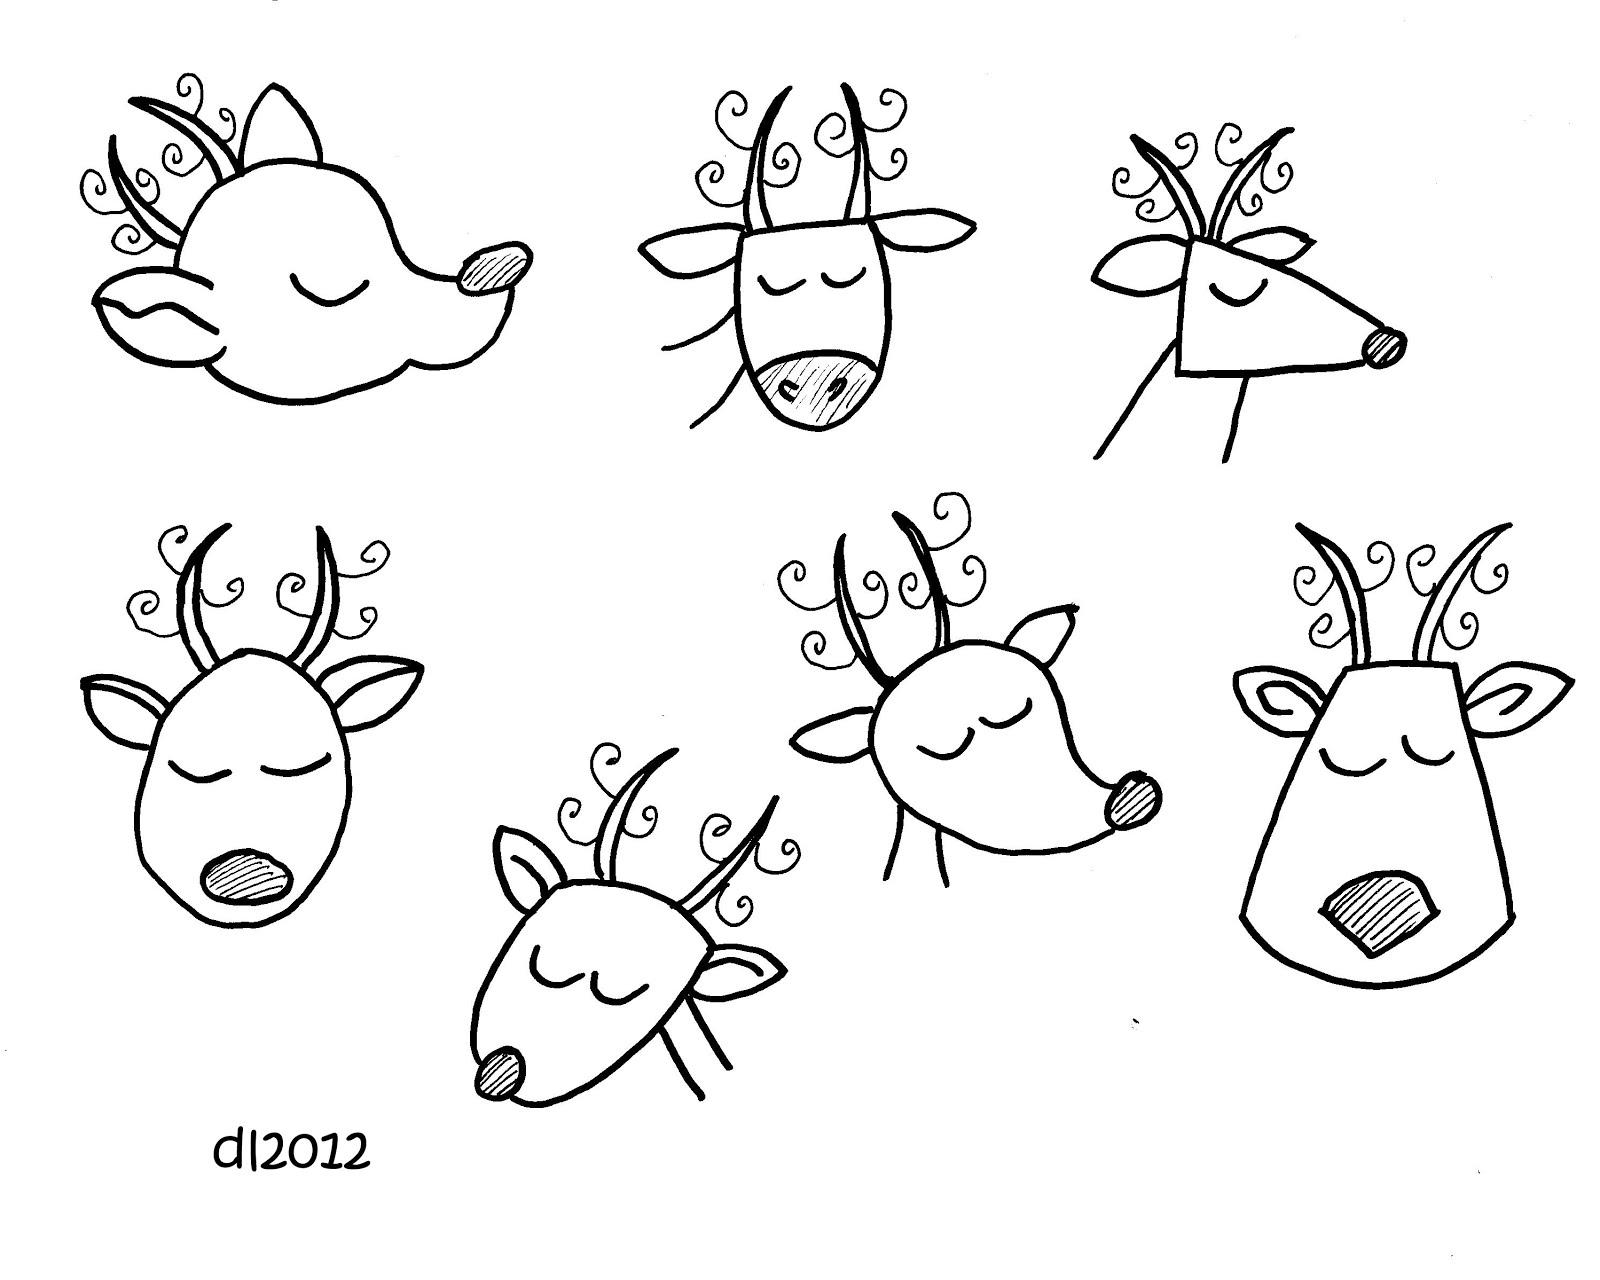 Drawn reindeer doodle Leigh: Doodle Deborah Cute 2012